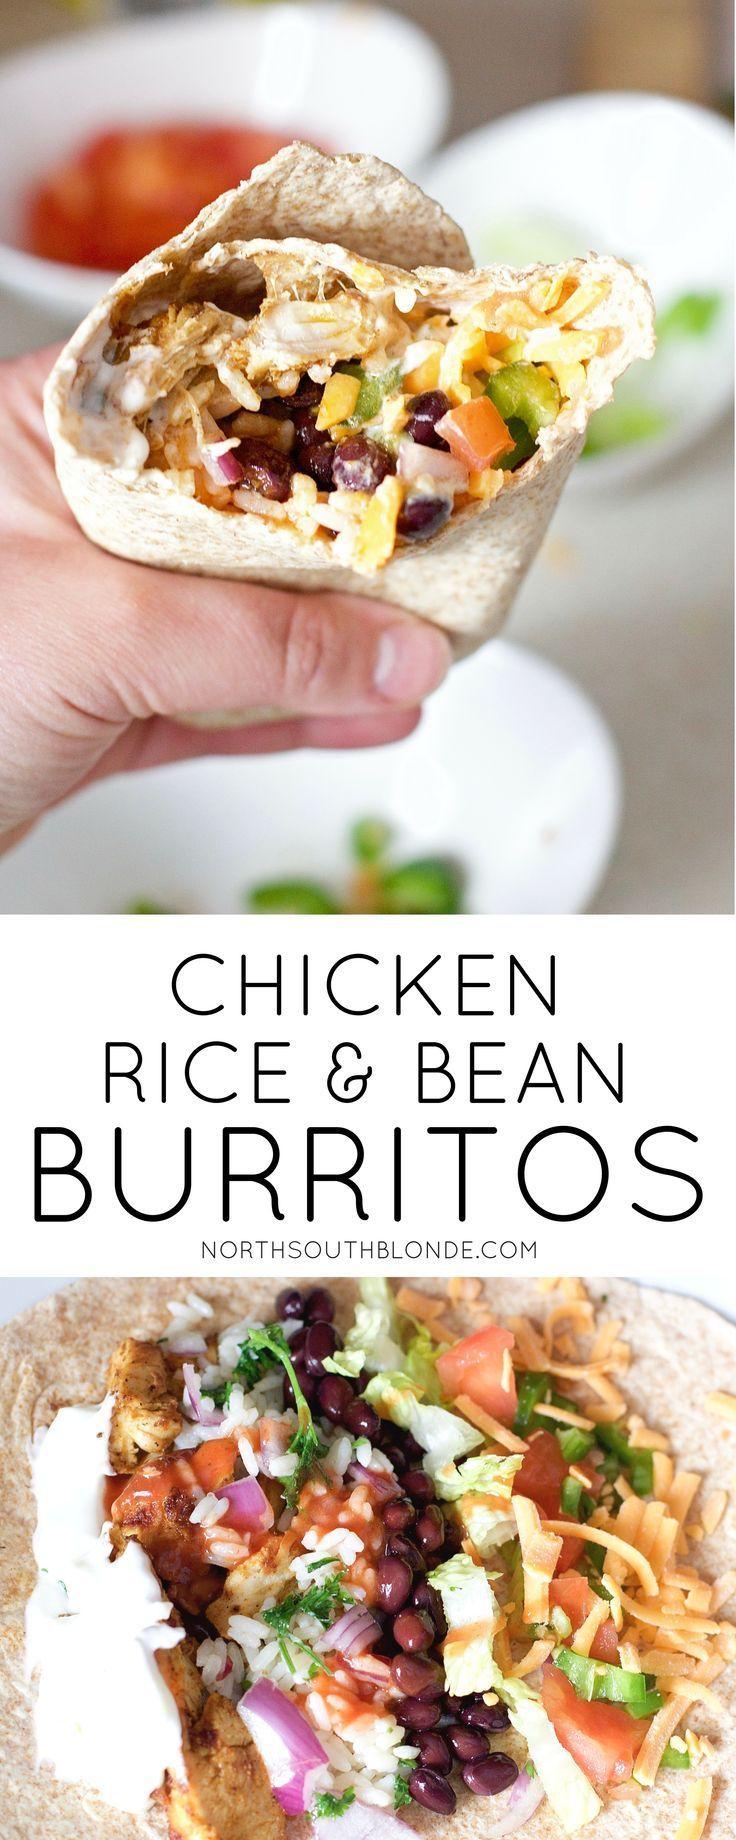 Chicken And Black Bean Burritos Lean Gluten Free Recipe Easy Burrito Recipe Recipes Lunch Recipes